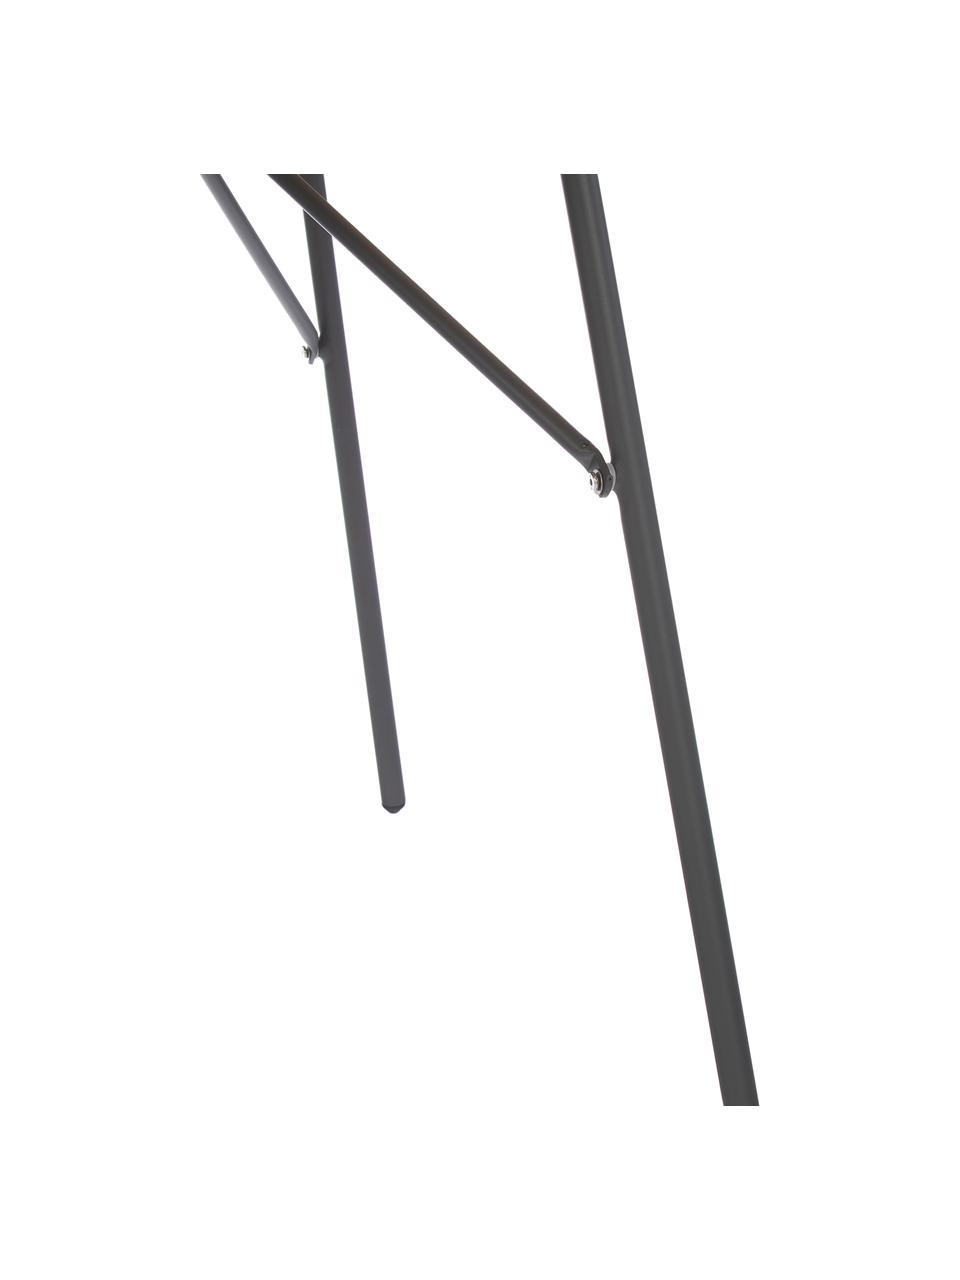 Ronde tuintafel Hard & Ellen van hout, Tafelblad: gepolijst teakhout, Frame: gepoedercoat aluminium, Antraciet, teakhoutkleurig, Ø 110 x H 73 cm